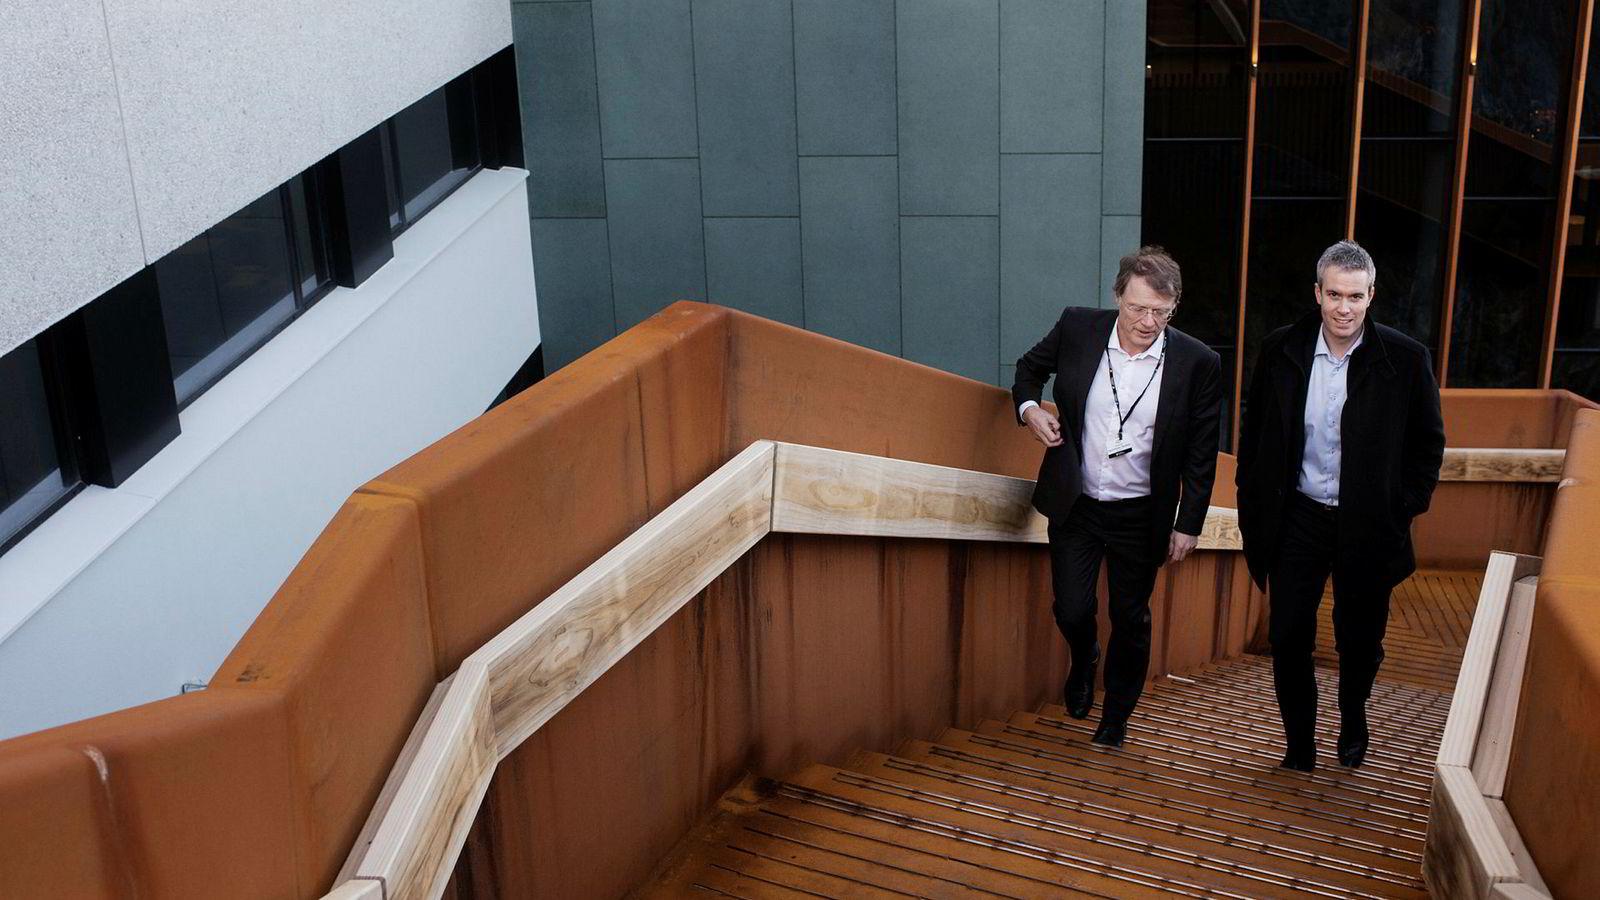 Sjefstrateg Peter Hermanrud i Sparebank 1 Markets og Skagen-forvalter Øyvind Fjell stiger opp trappene ved Atlantic Hotel. Hotellet er pusset opp for en halv milliard gjennom oljekrisen, et mulig tegn på ny vestlandsoptimisme.